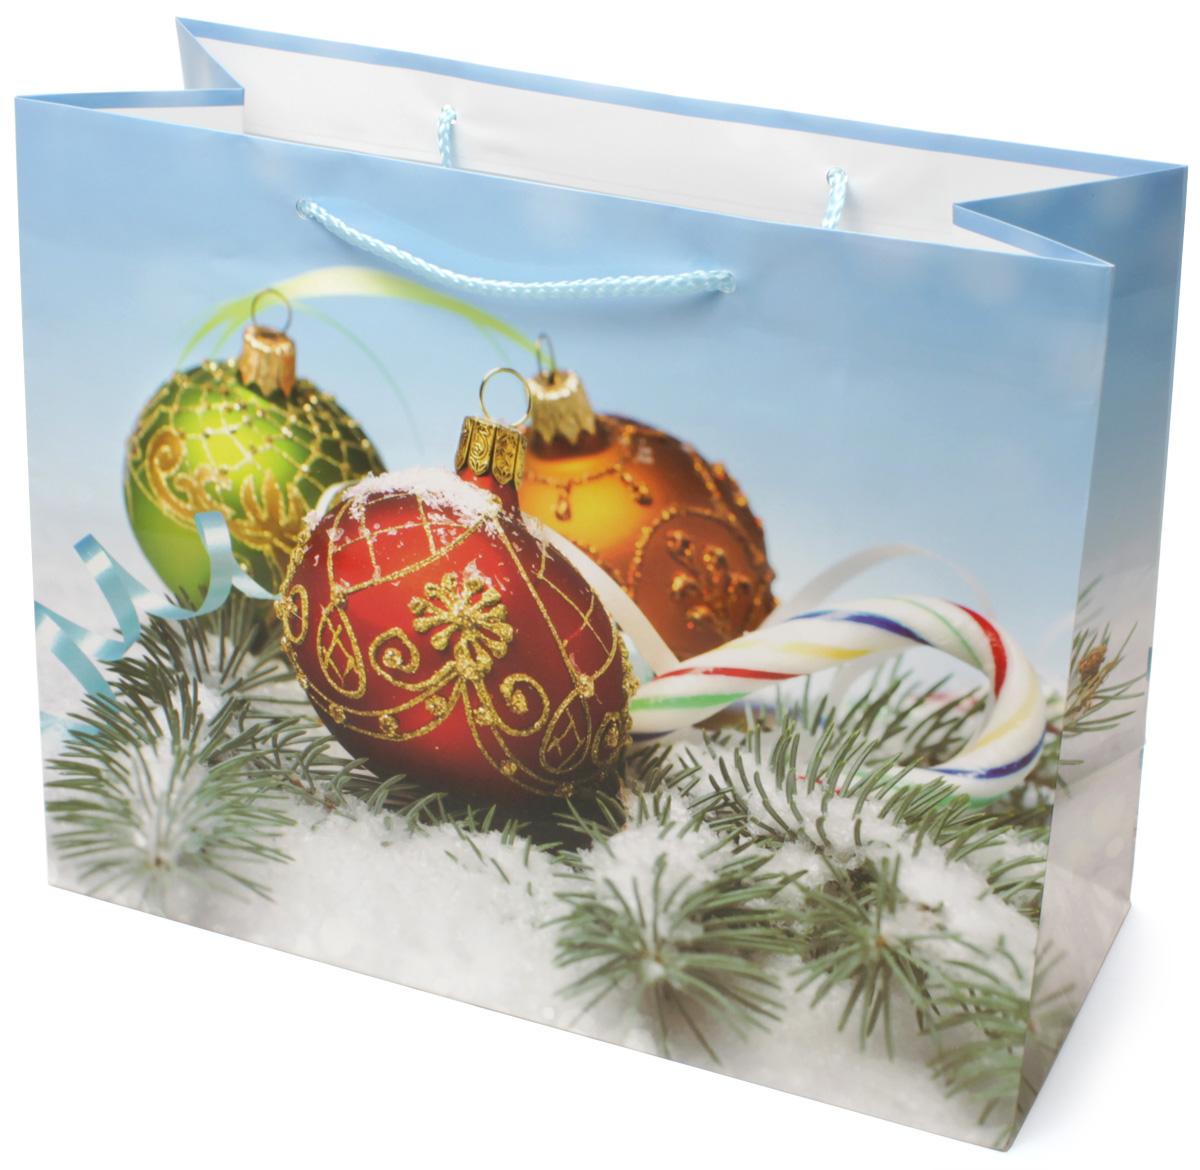 Пакет подарочный МегаМАГ Новый год, 32,7 х 26,4 х 13,6 см. 852 LH852 LHПодарочный пакет МегаМАГ, изготовленный из плотной ламинированной бумаги, станет незаменимым дополнением к выбранному подарку. Для удобной переноски на пакете имеются две ручки-шнурки.Подарок, преподнесенный в оригинальной упаковке, всегда будет самым эффектным и запоминающимся. Окружите близких людей вниманием и заботой, вручив презент в нарядном, праздничном оформлении.